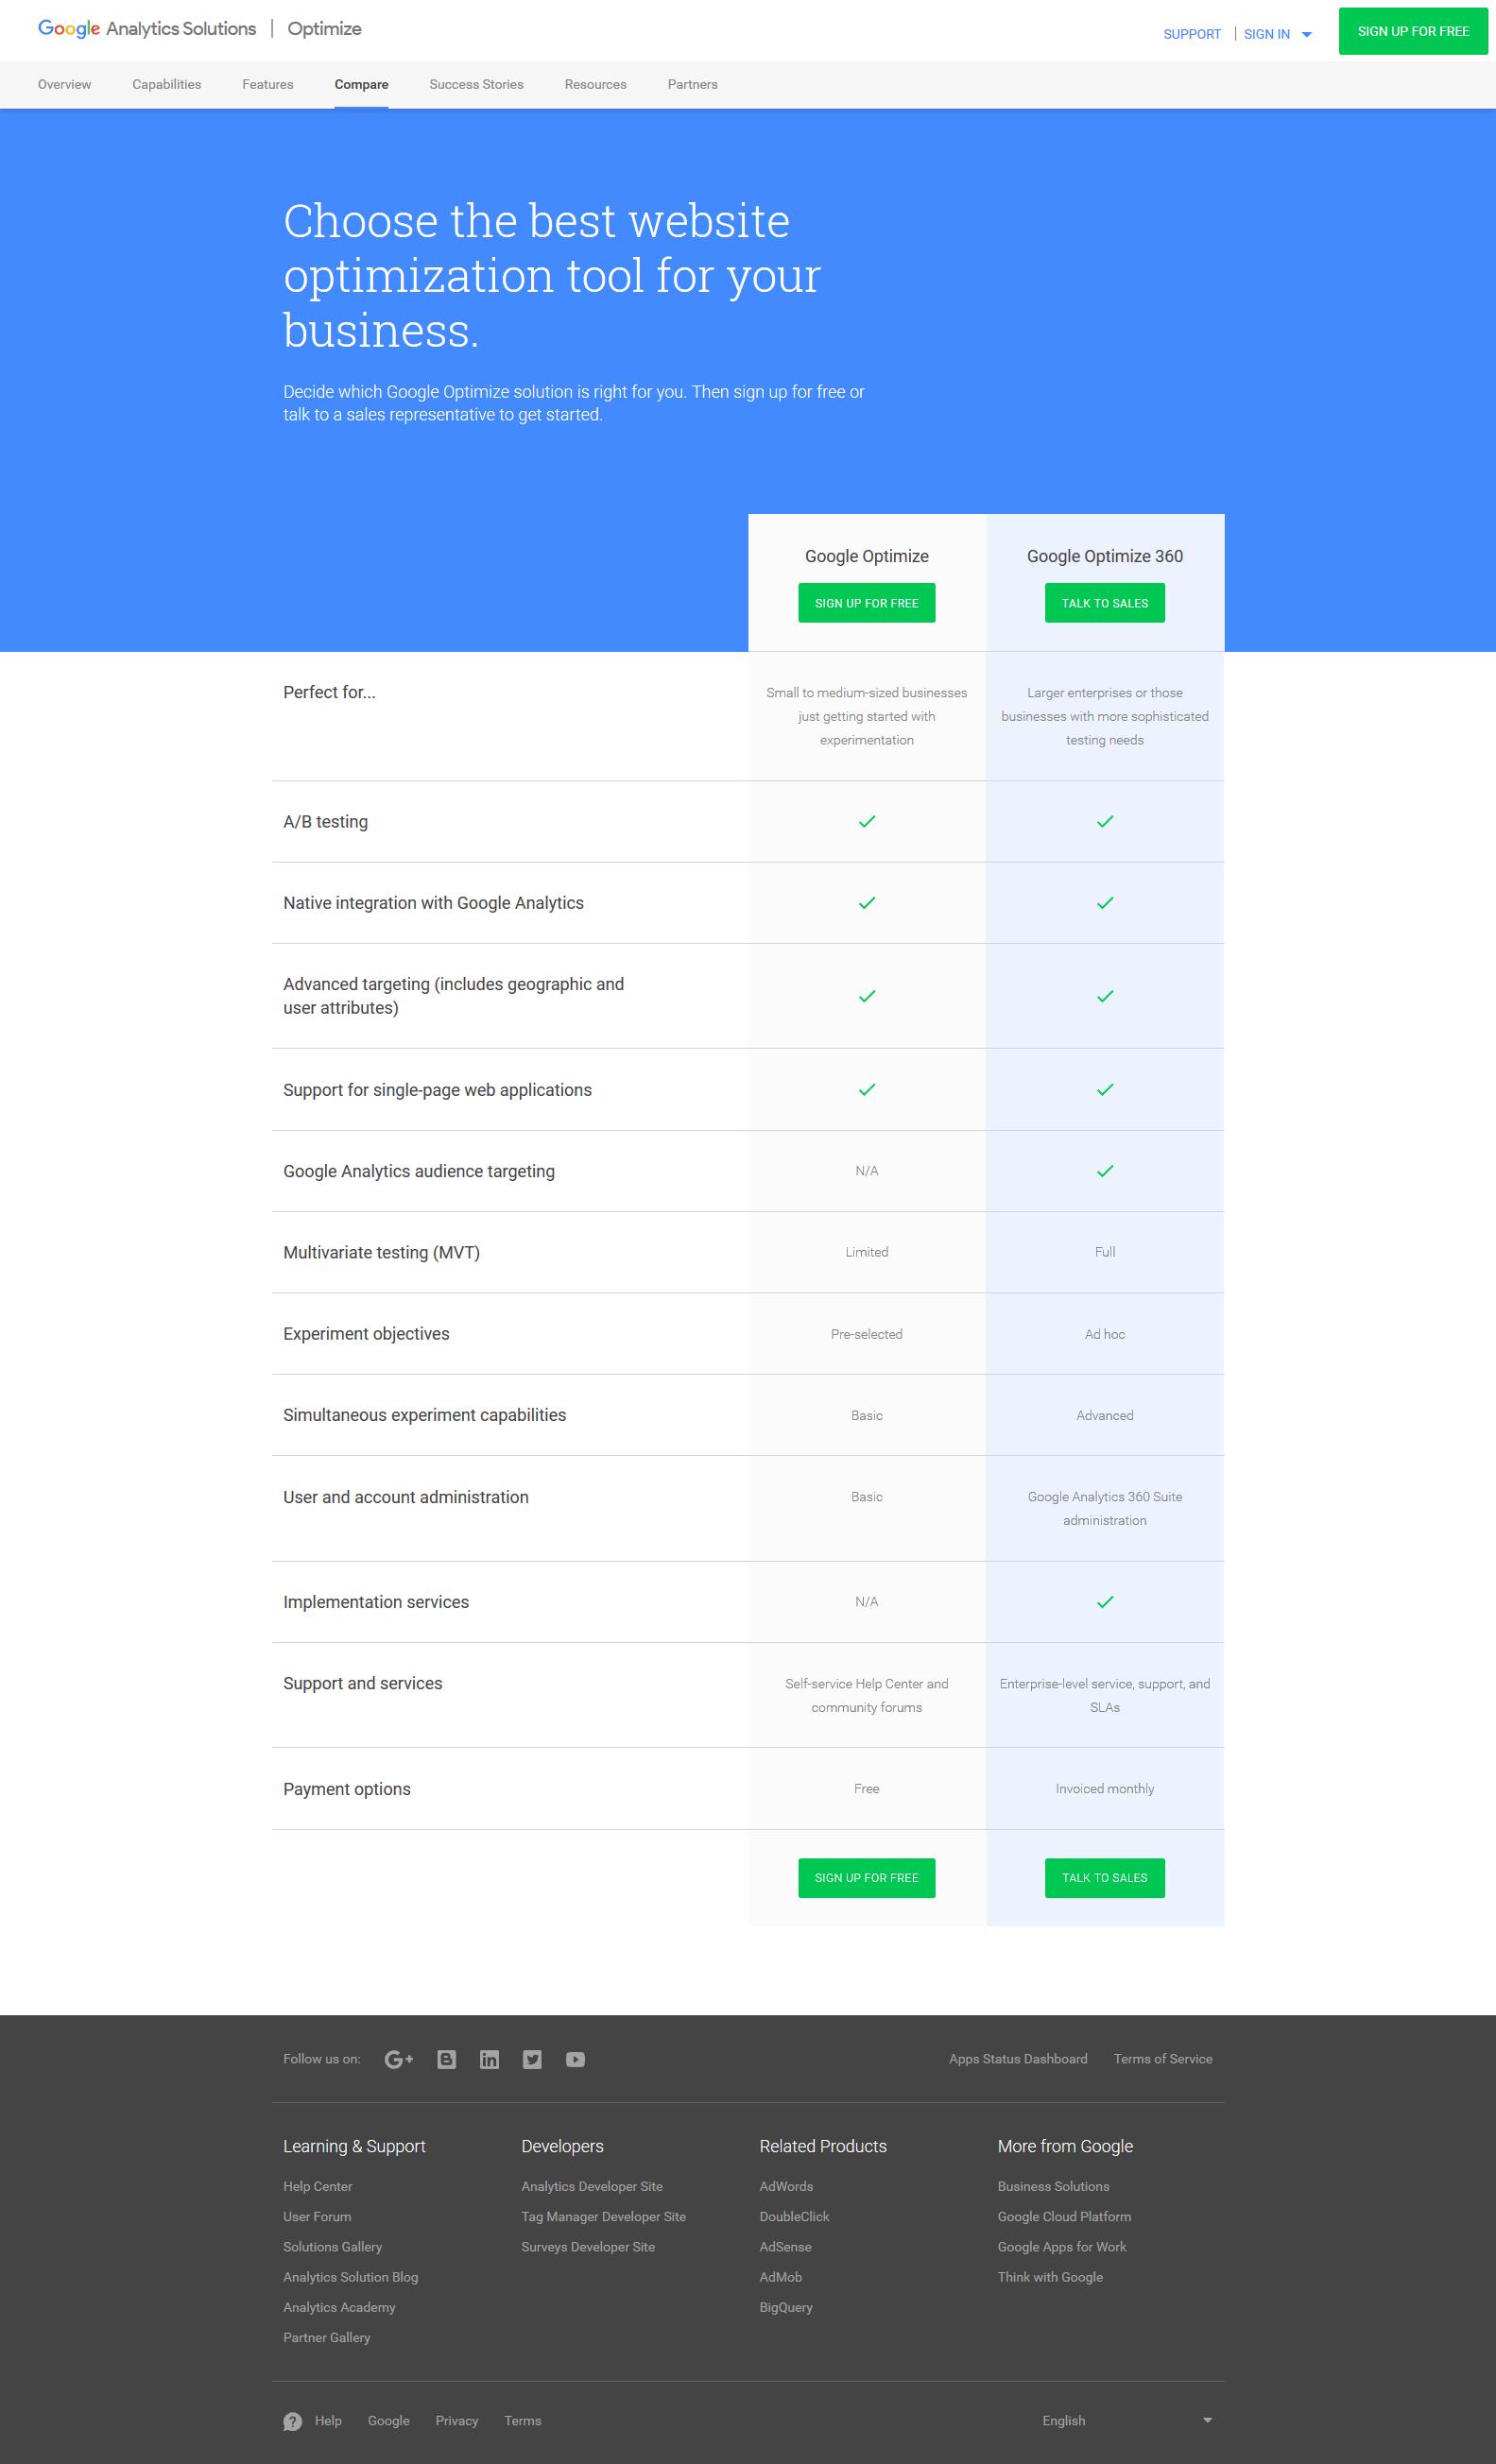 google optimize - differenza versione 360 e gratuita